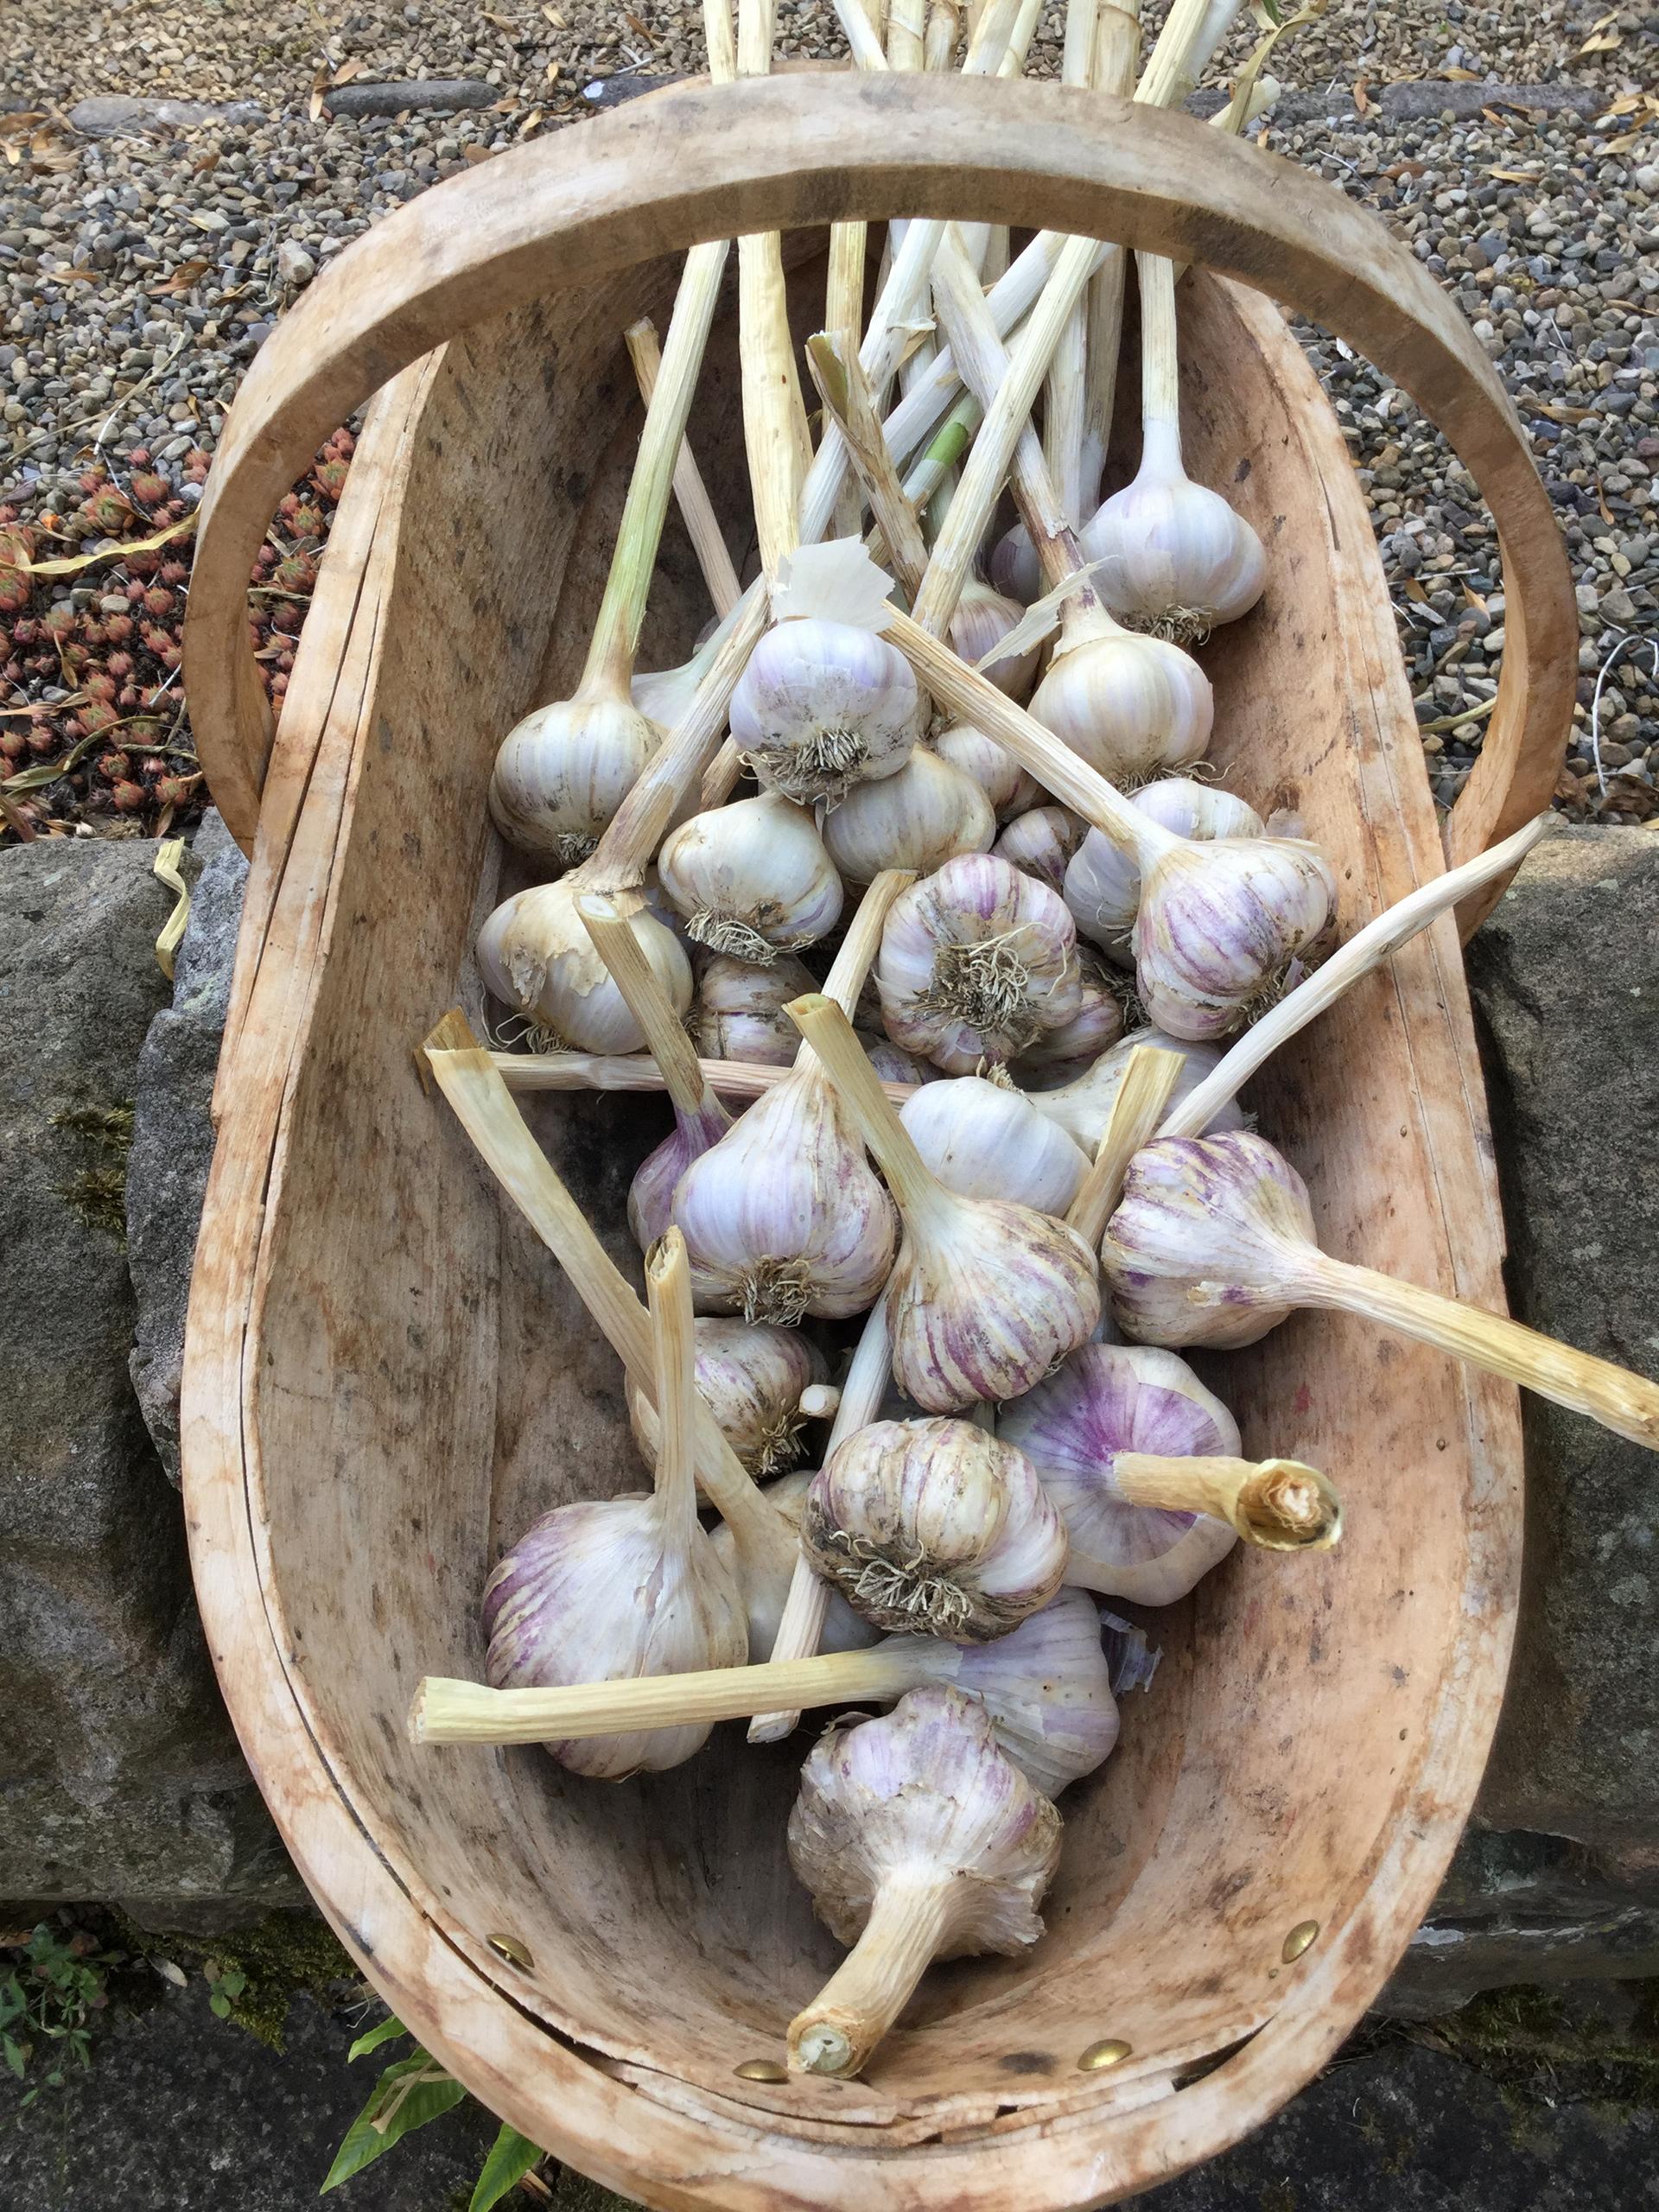 Garlic in a trug